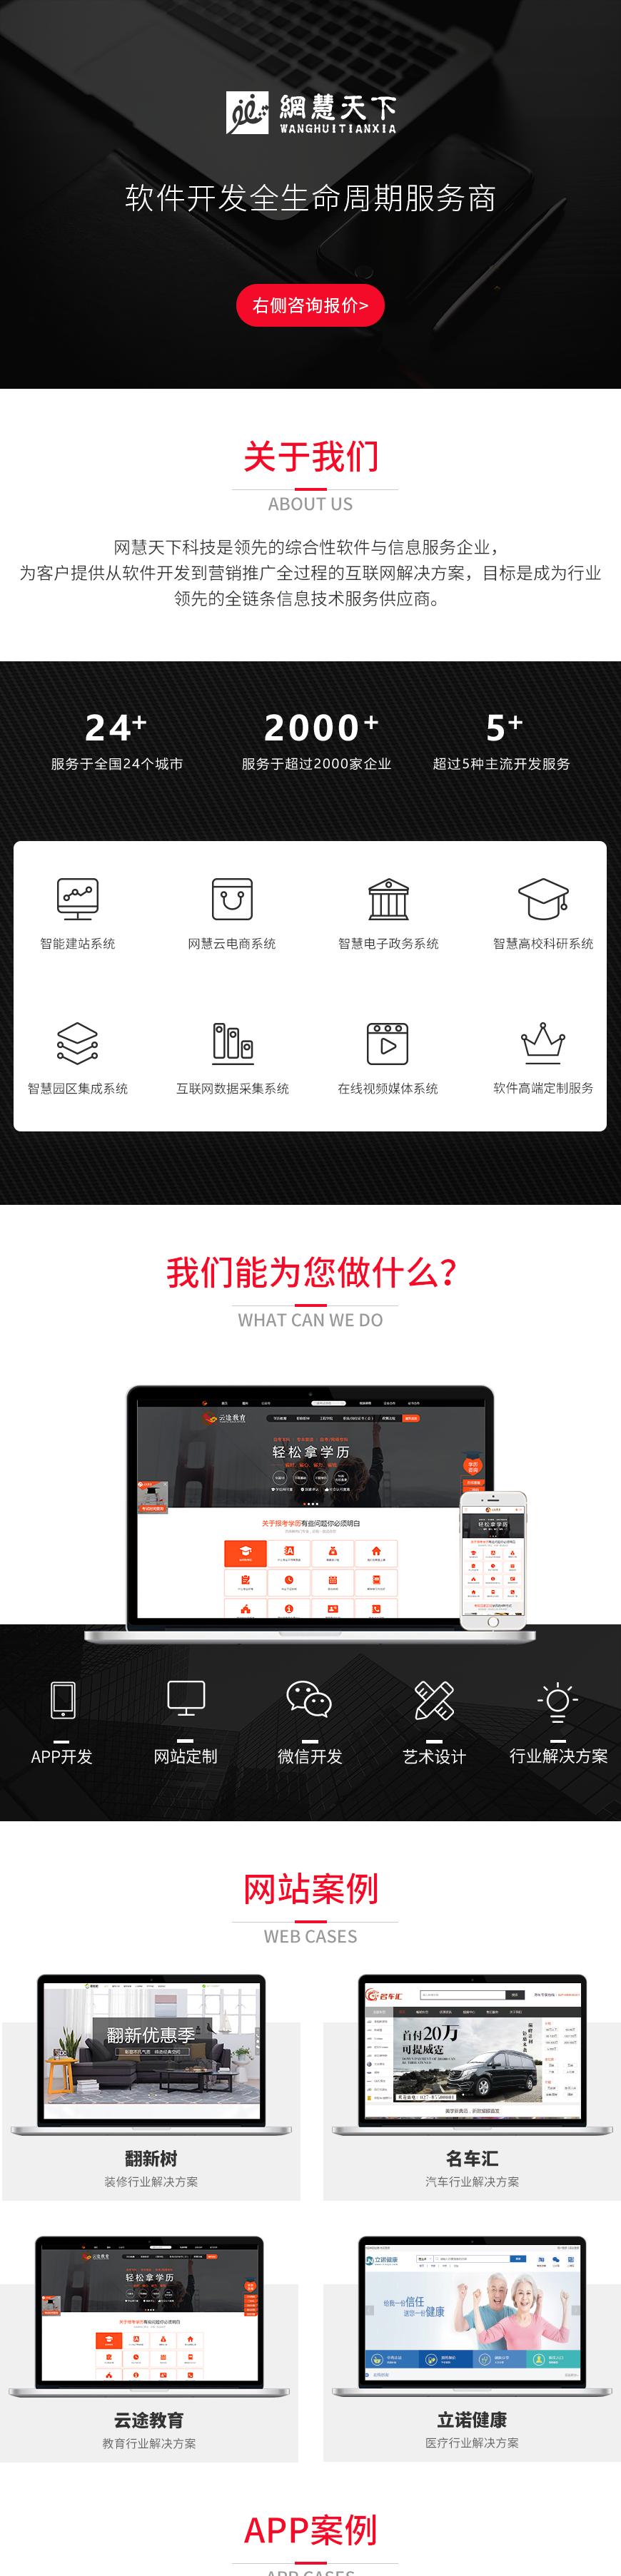 服务详情图_01.png